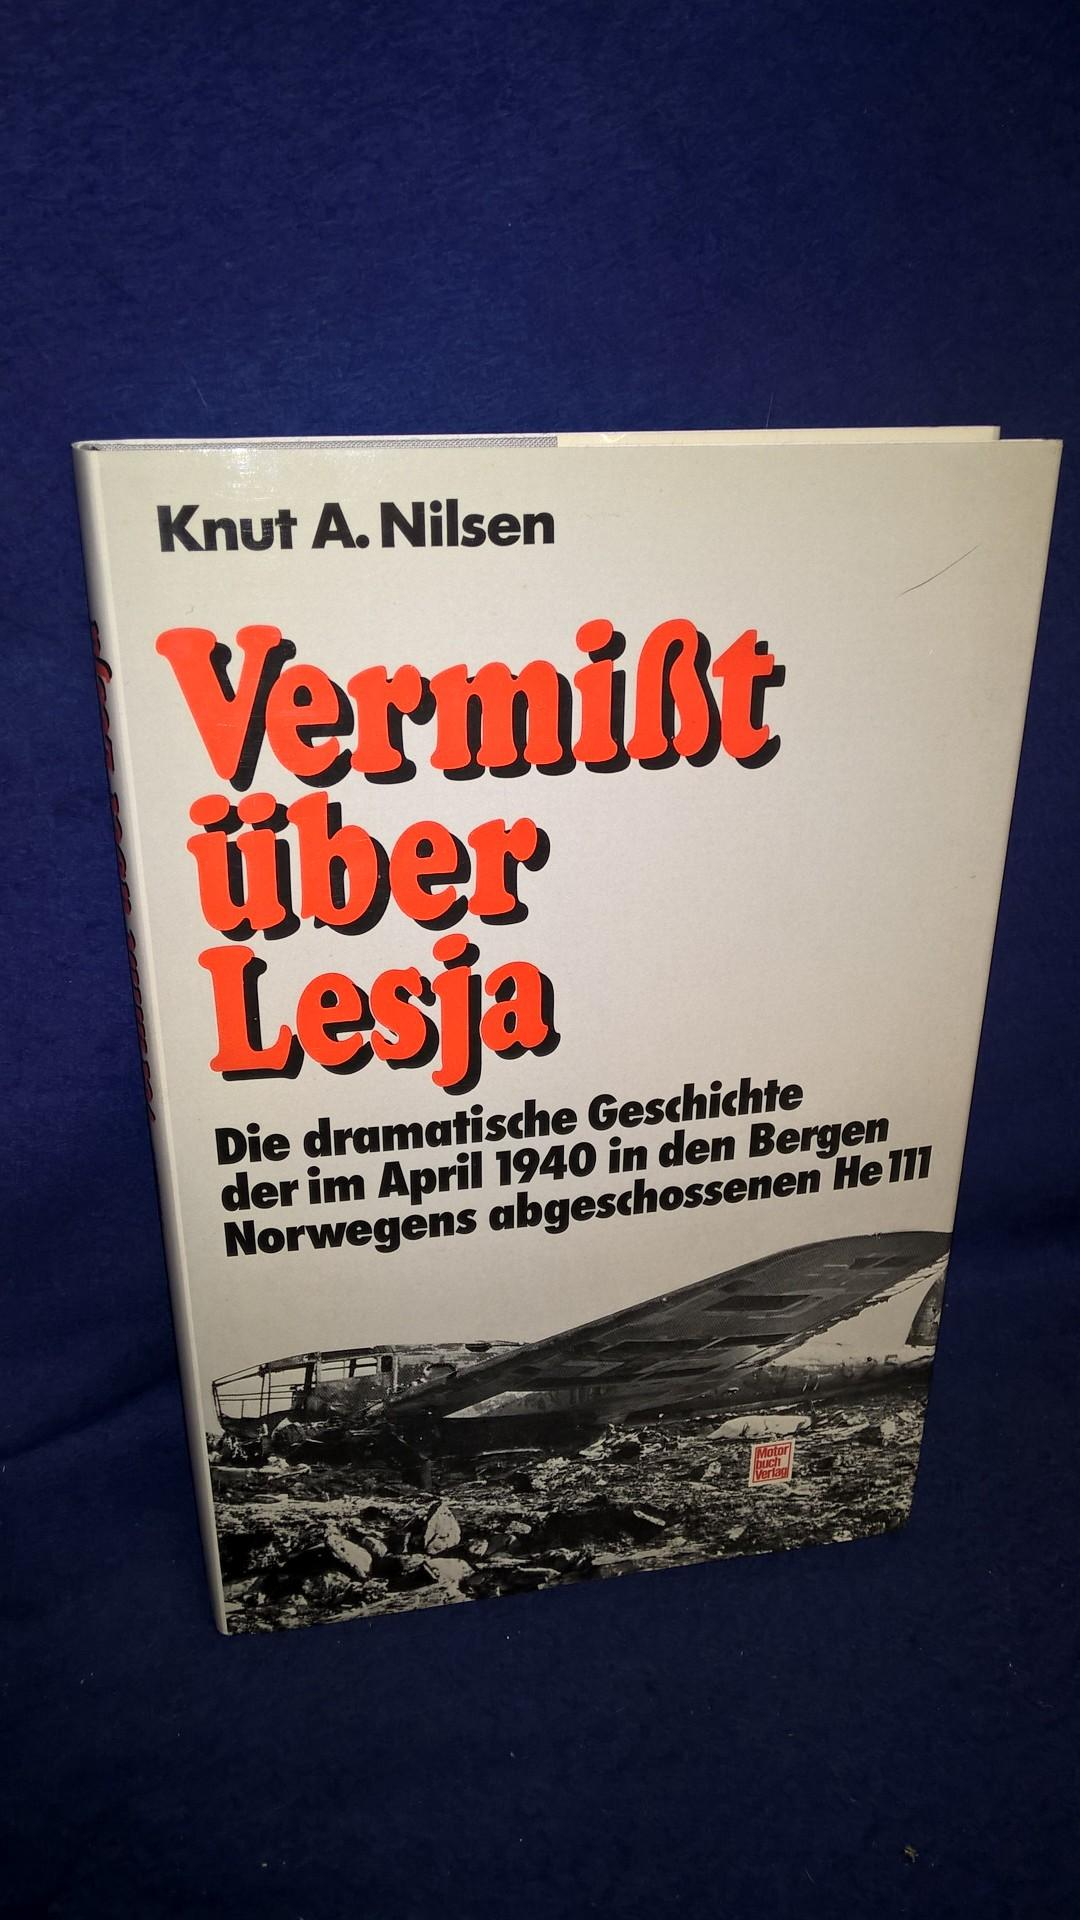 Vermißt über Lesja: Die dramatische Geschichte der im April 1940 in den Bergen Norwegens abgeschossenen He 111